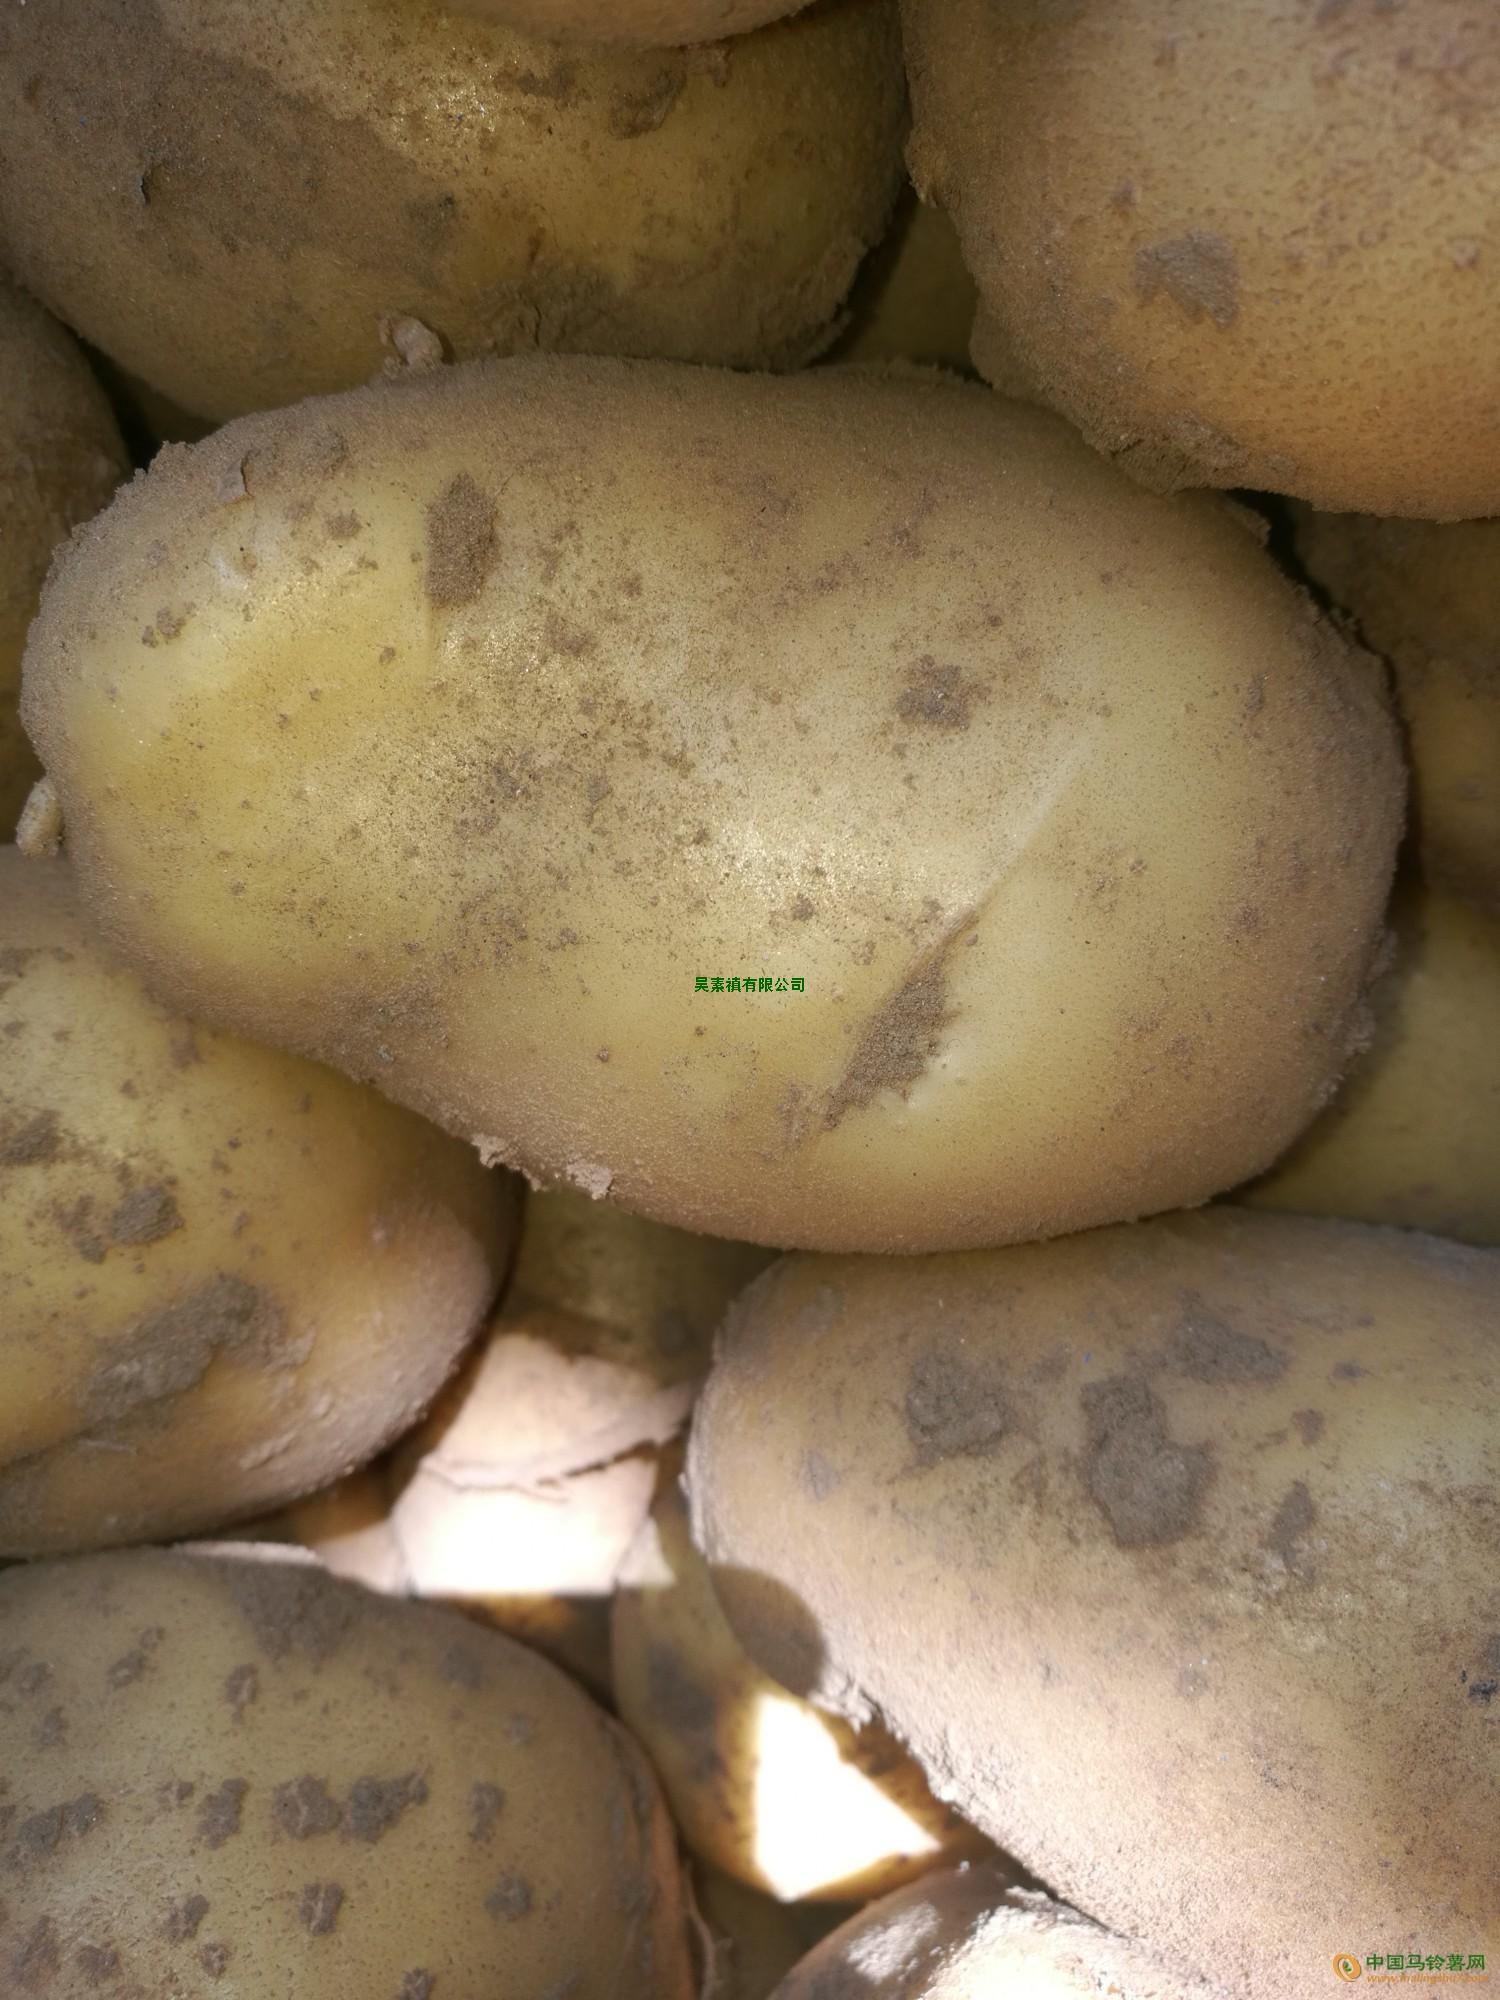 荷兰土豆 ()